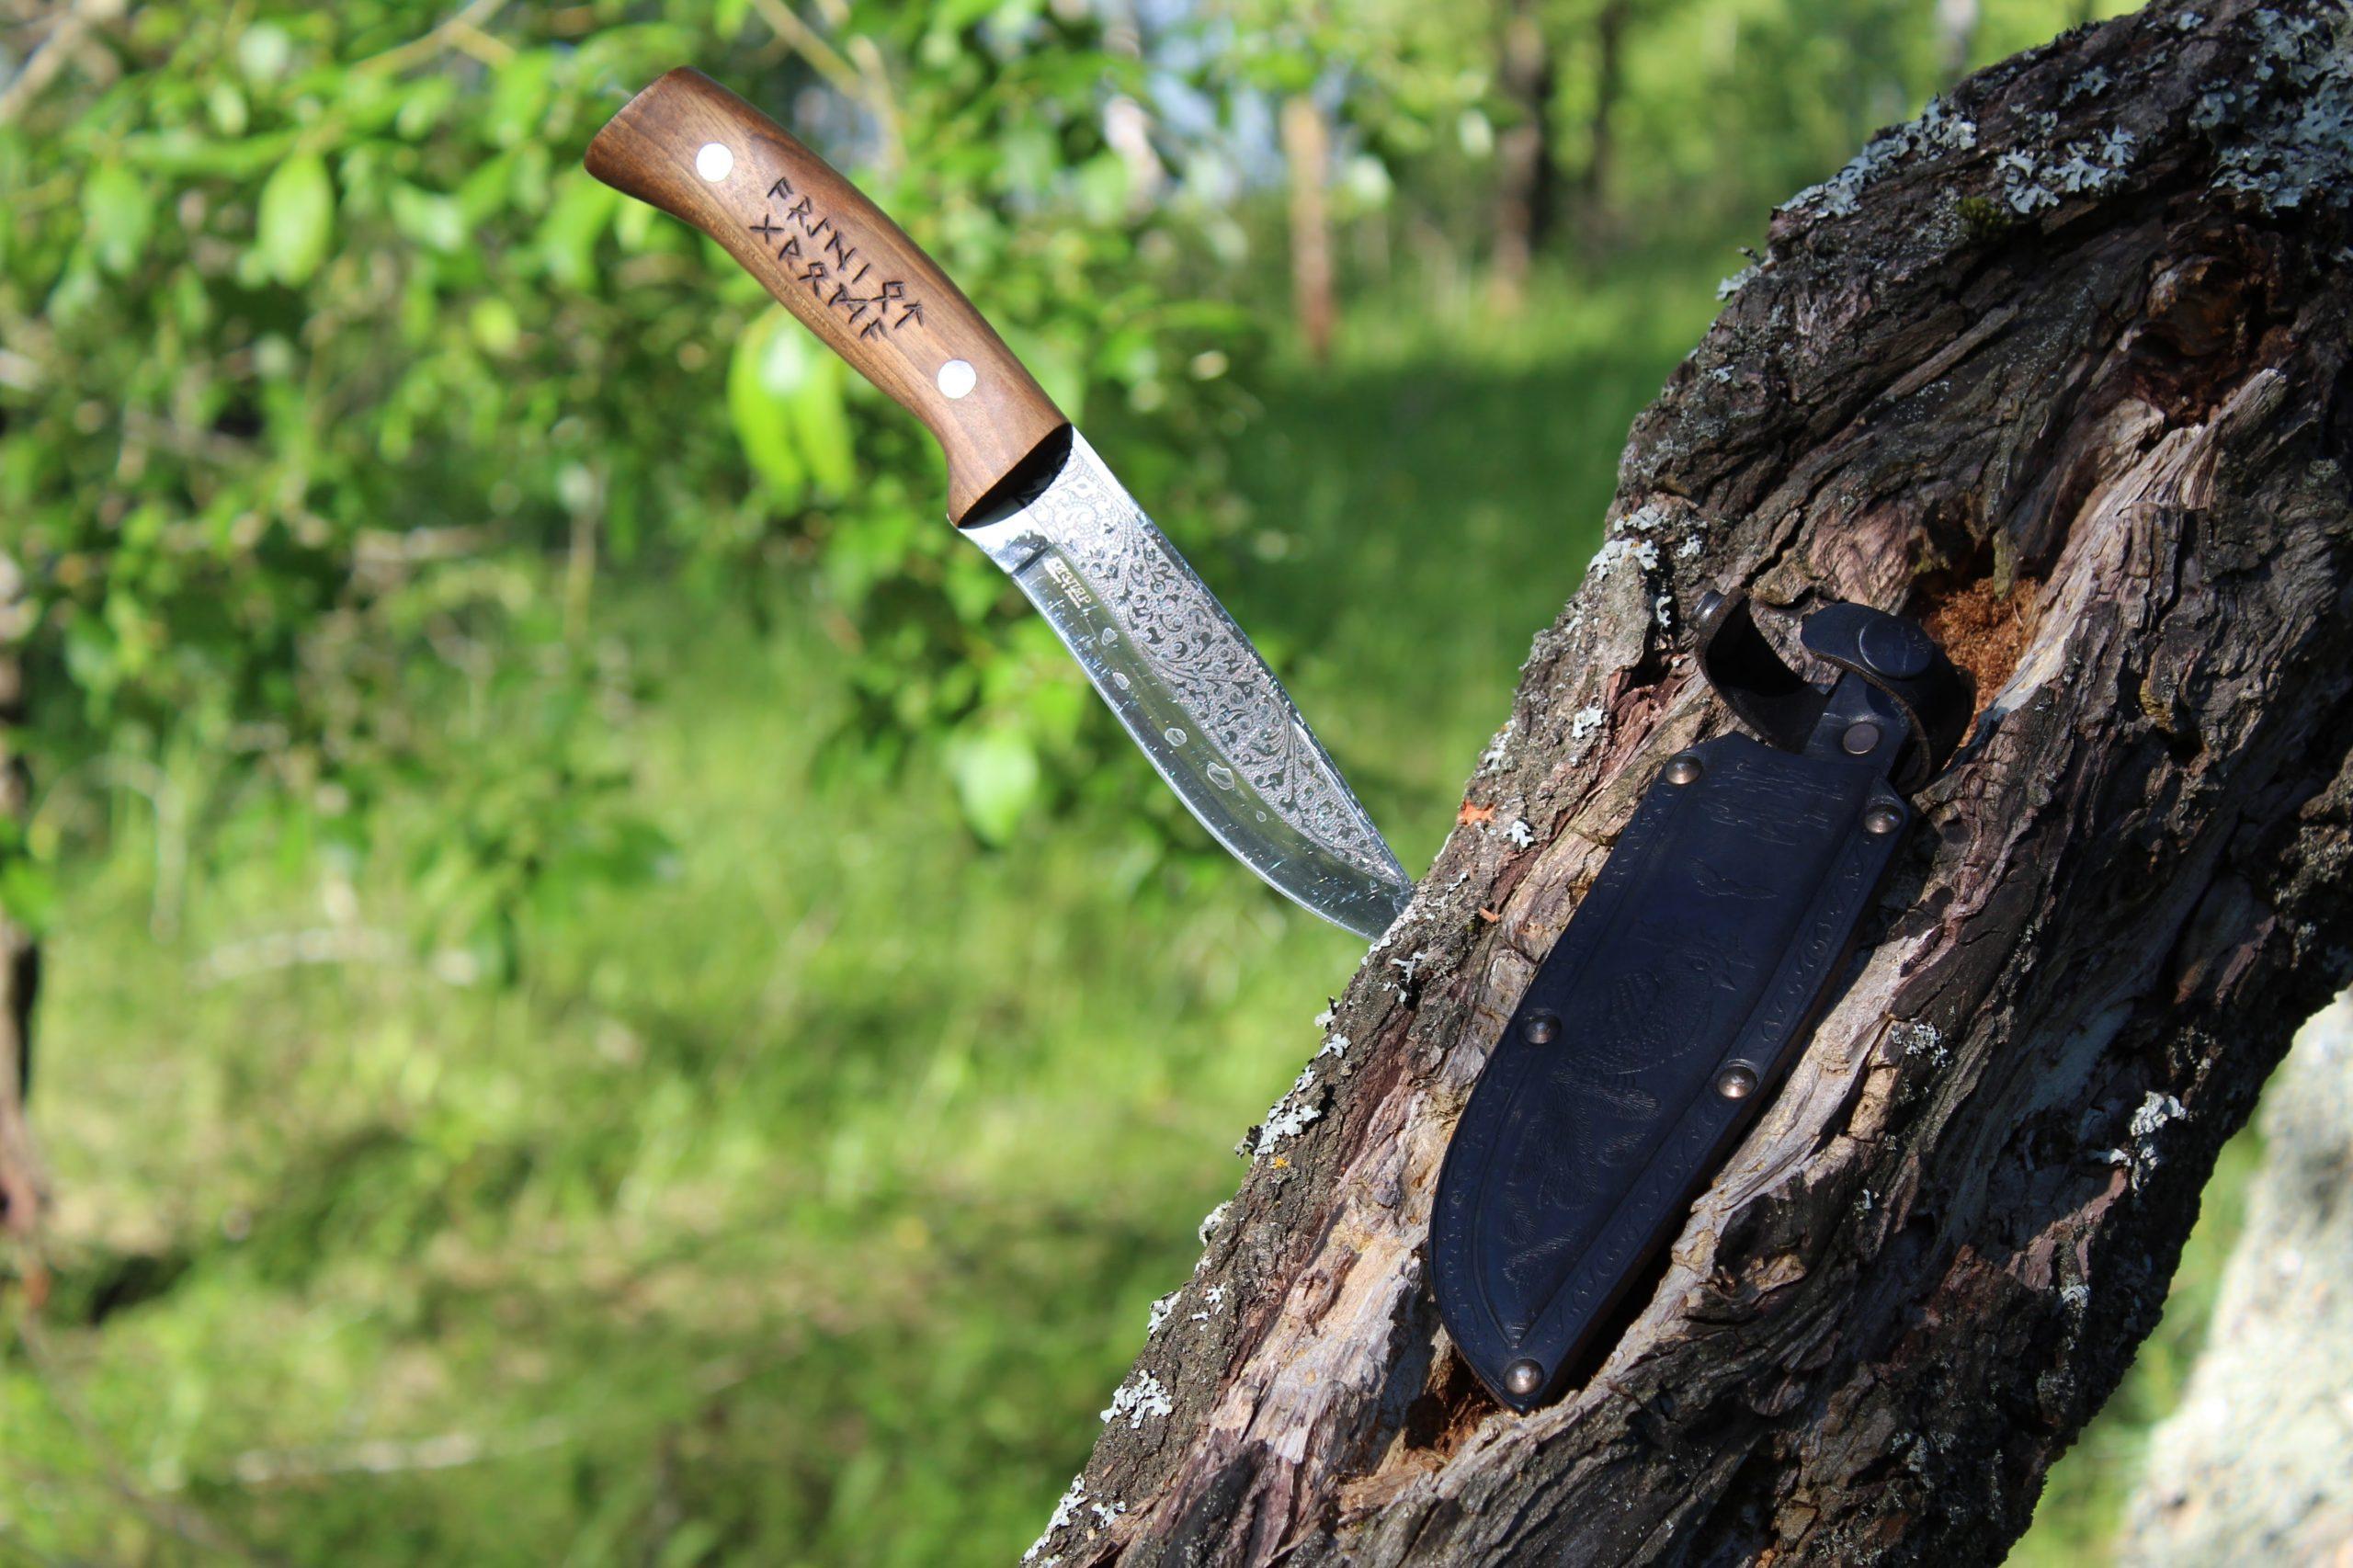 Outdoor Messer: Test & Empfehlungen (08/20)